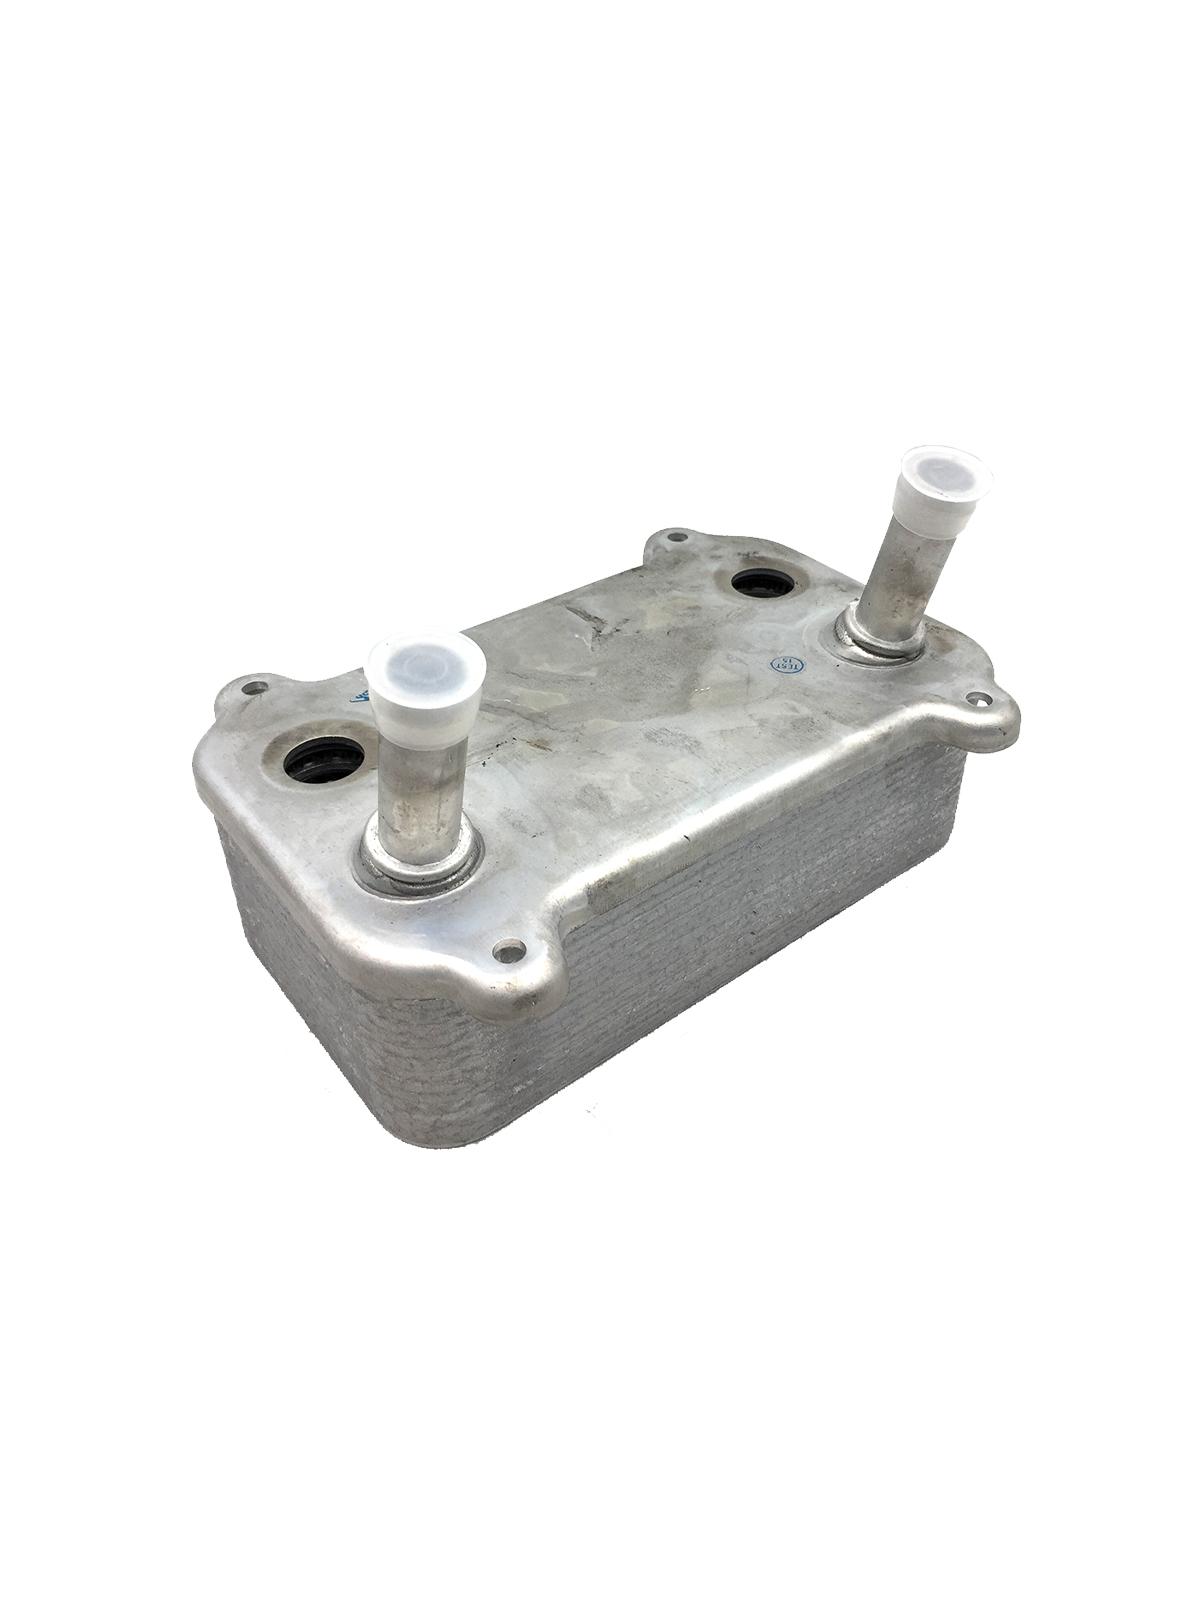 Trocador de Calor (Radiador) 94810727603 - Porsche